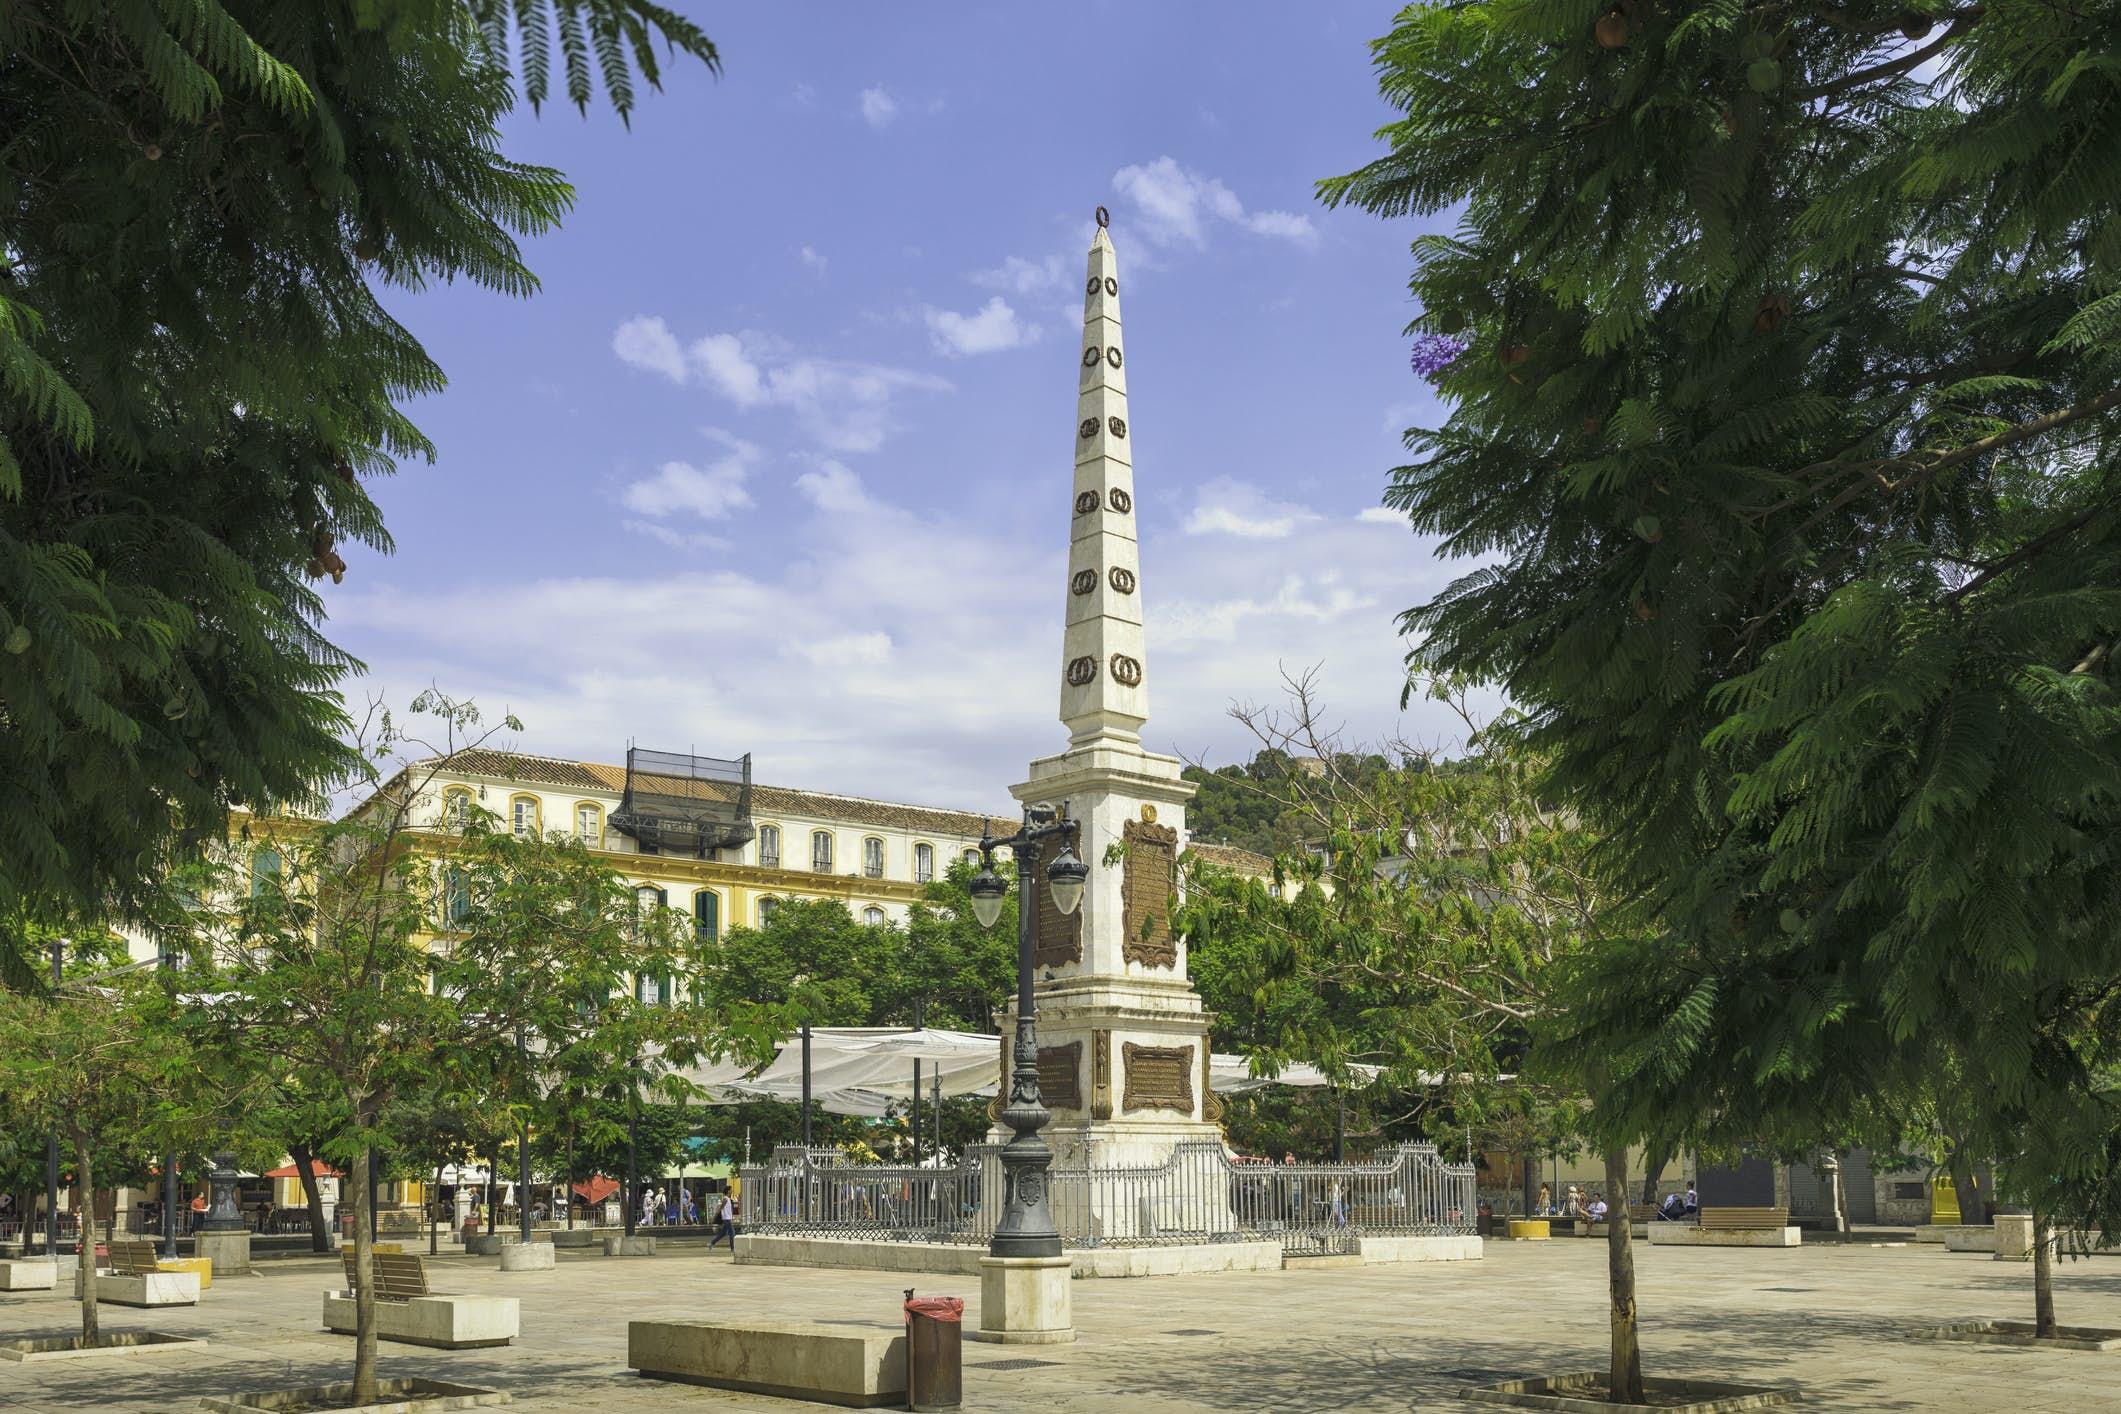 Highlights of Malaga image